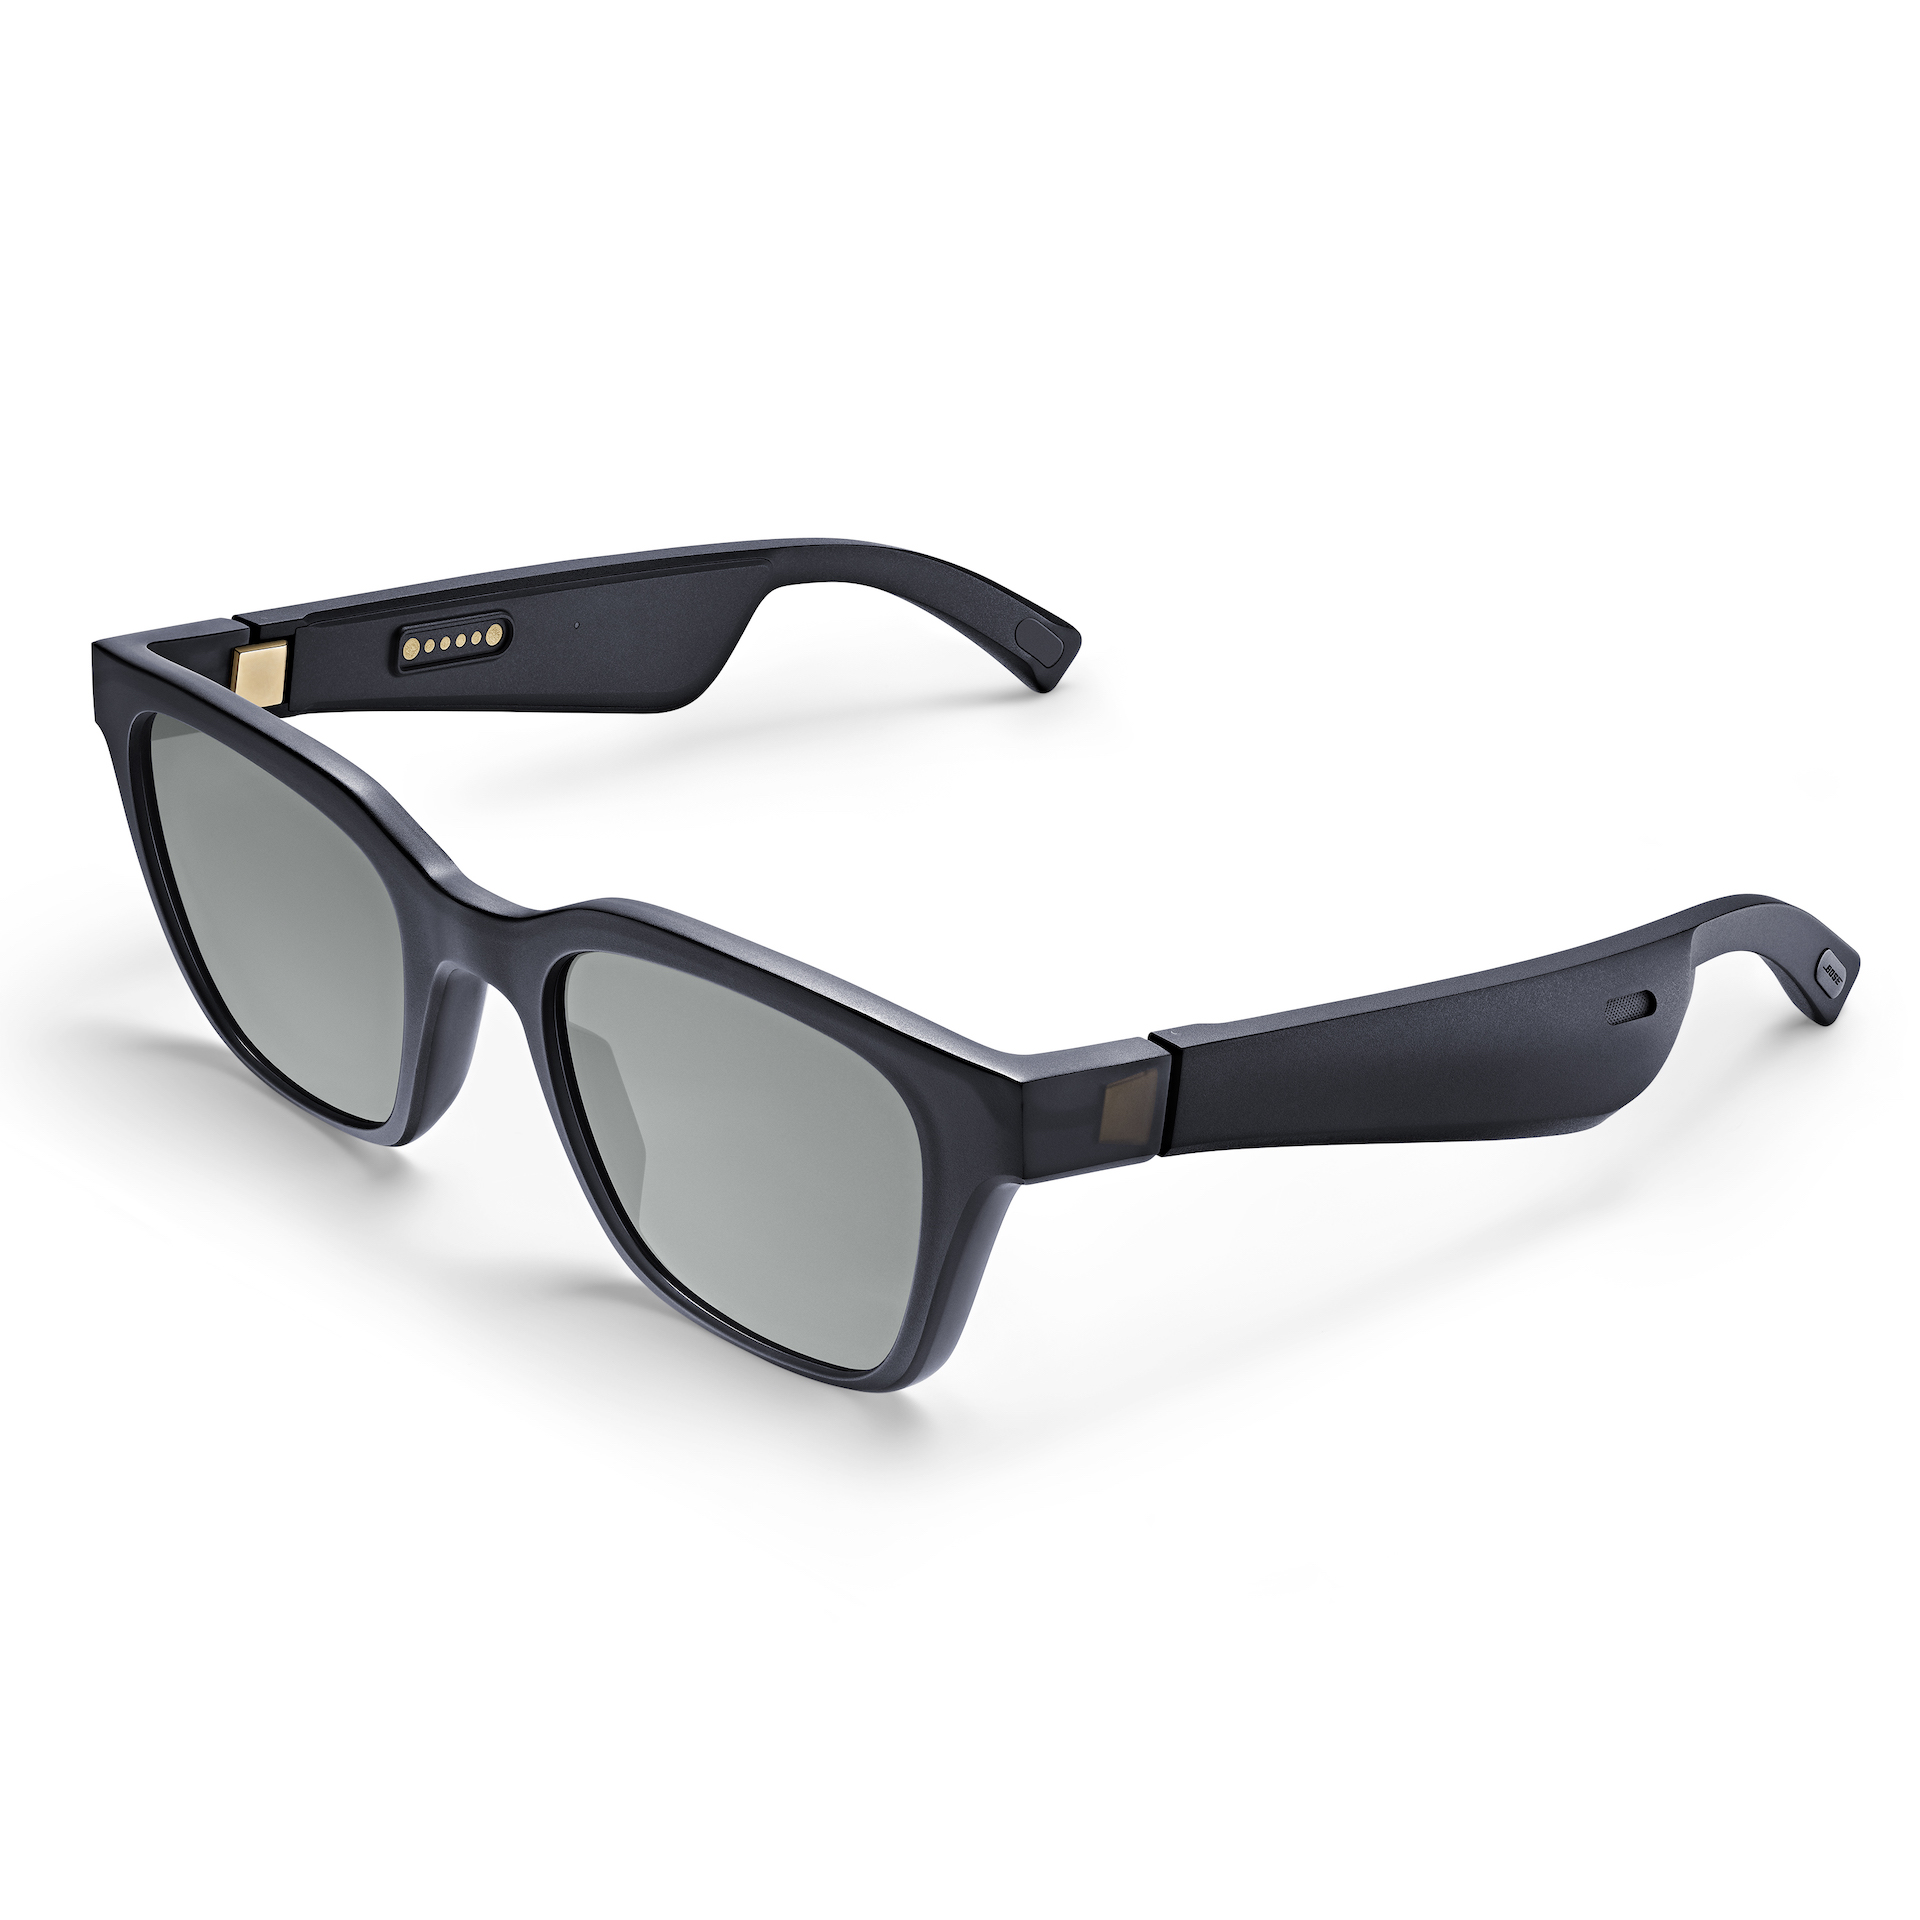 prix d'usine c3a11 36ca1 Bose lance des lunettes de soleil connectées avec de la ...